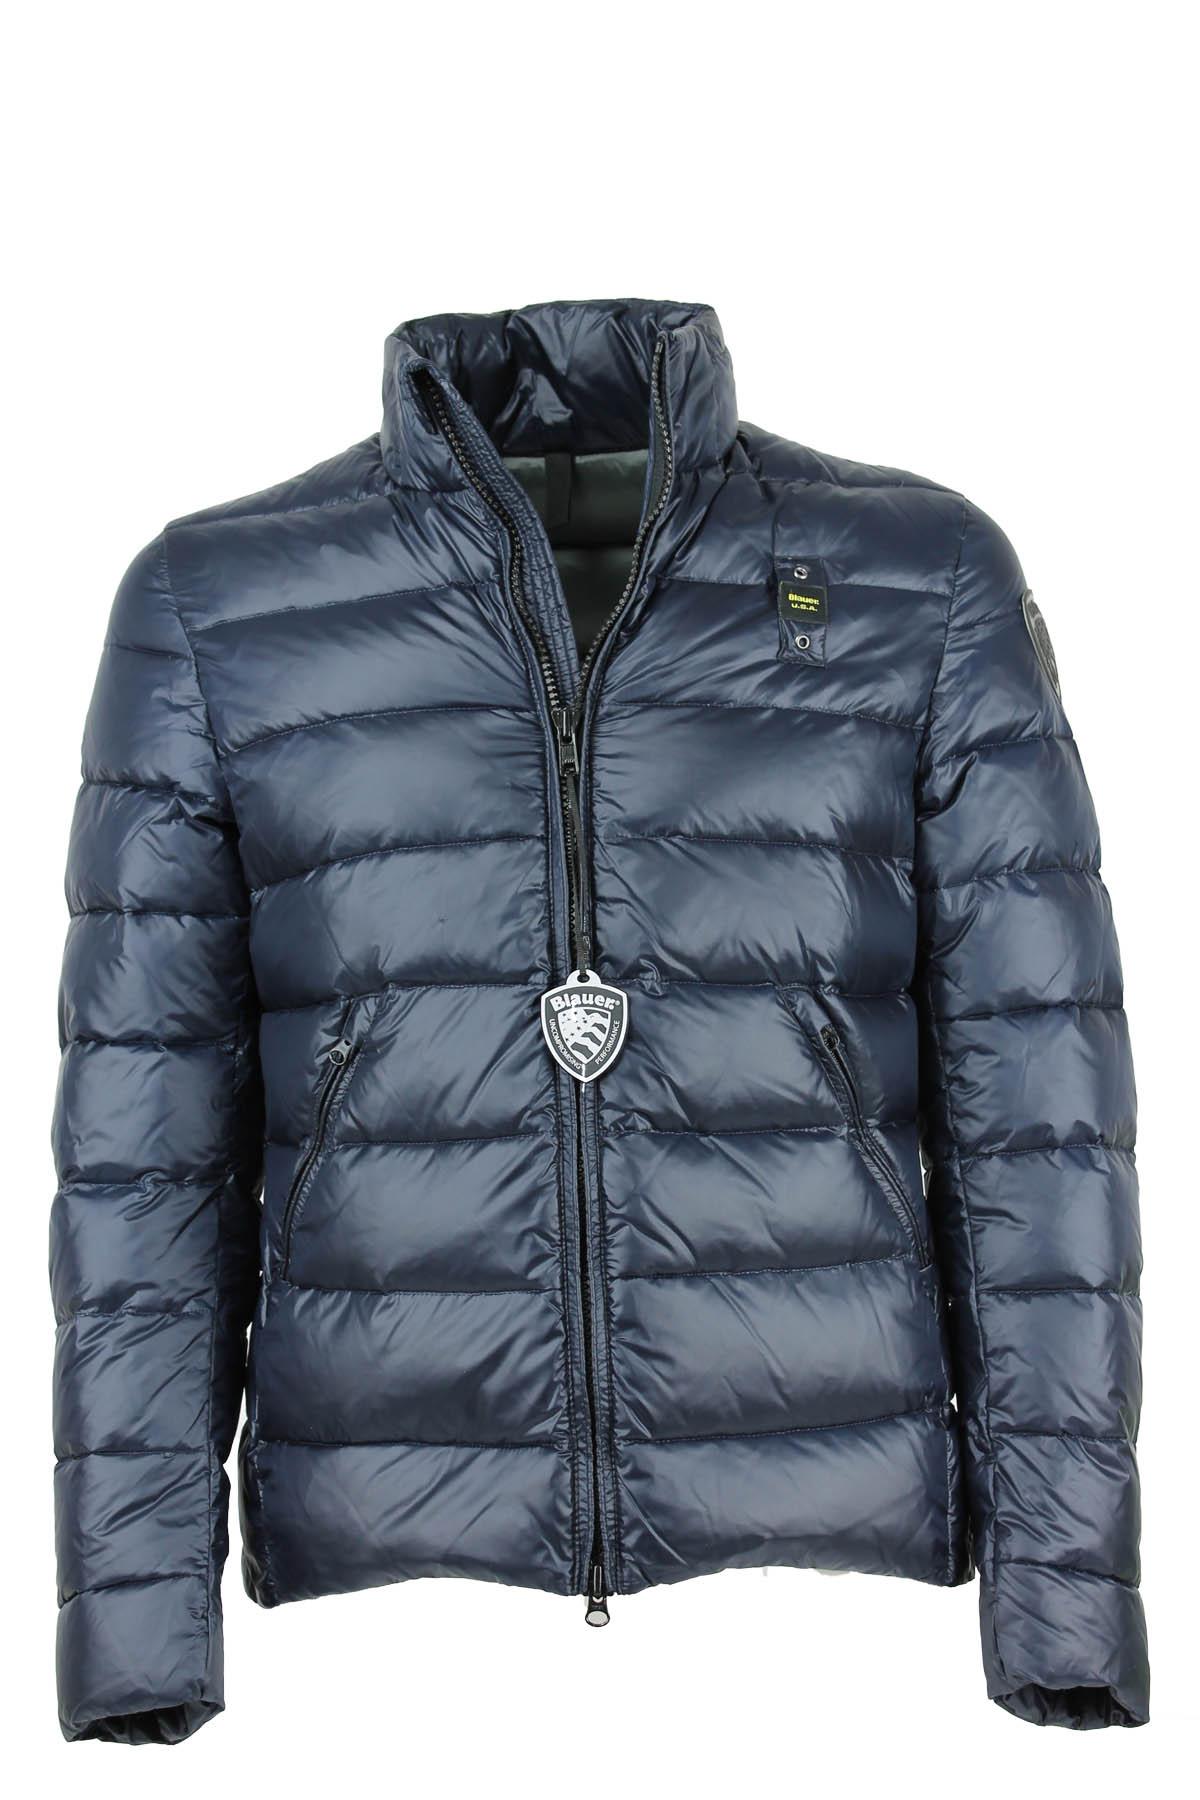 low priced 9e00f dc775 Giubbotto giacca uomo piumino light